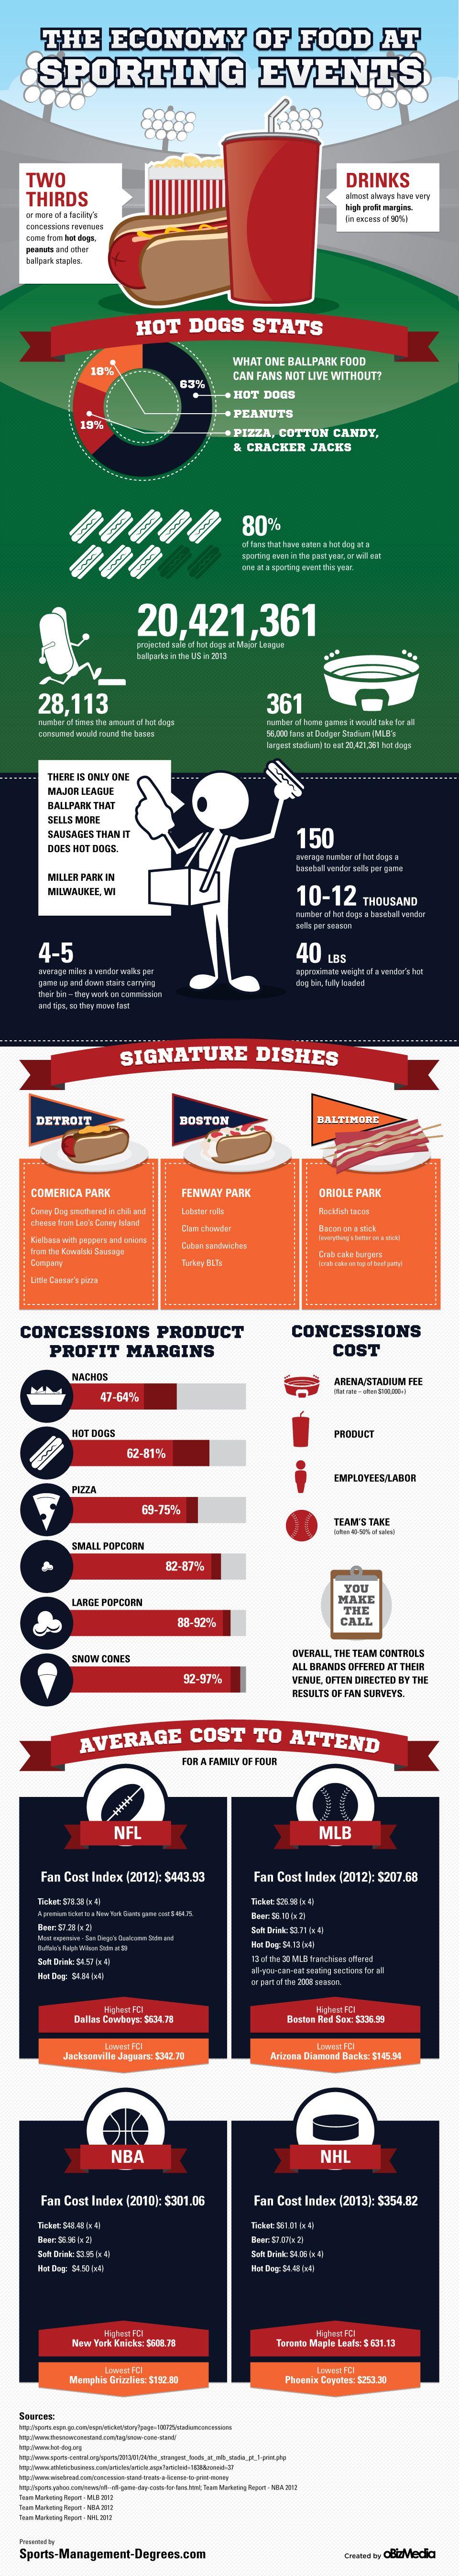 ¿Qué consume un fan en un evento deportivo? #marketingsportowy #marketingeventy